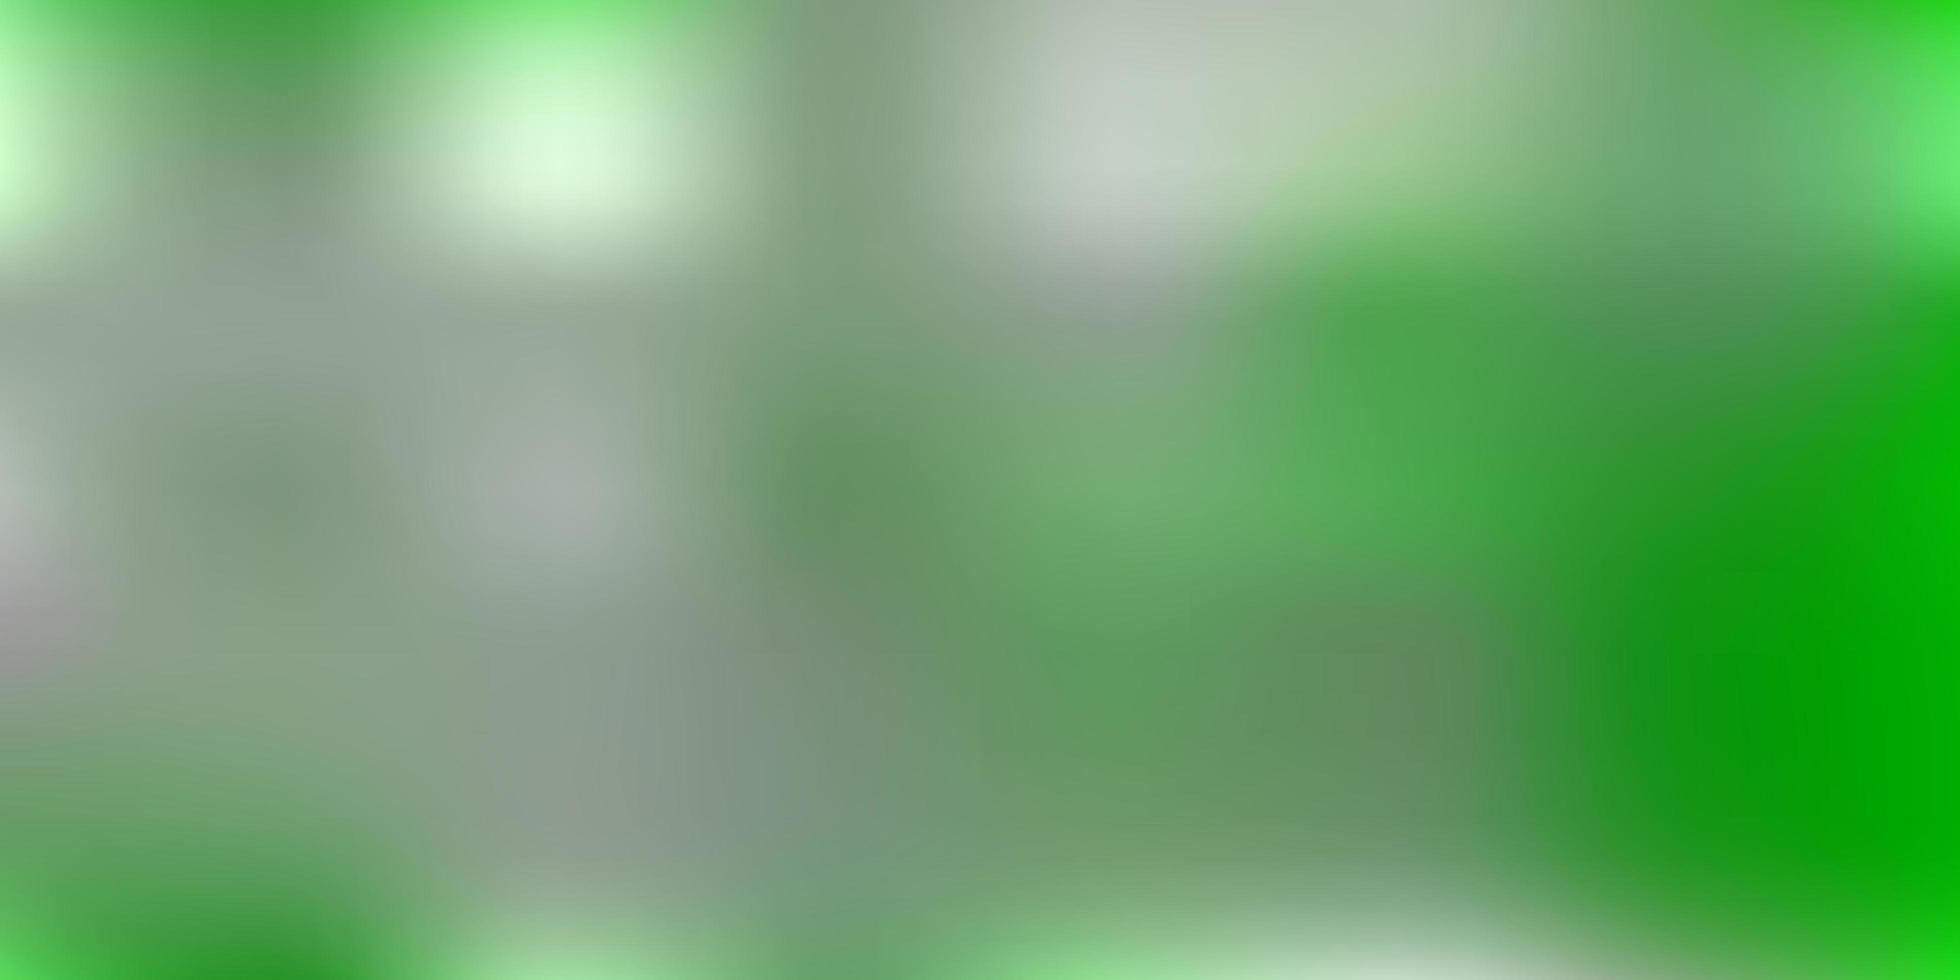 Light green vector gradient blur texture.